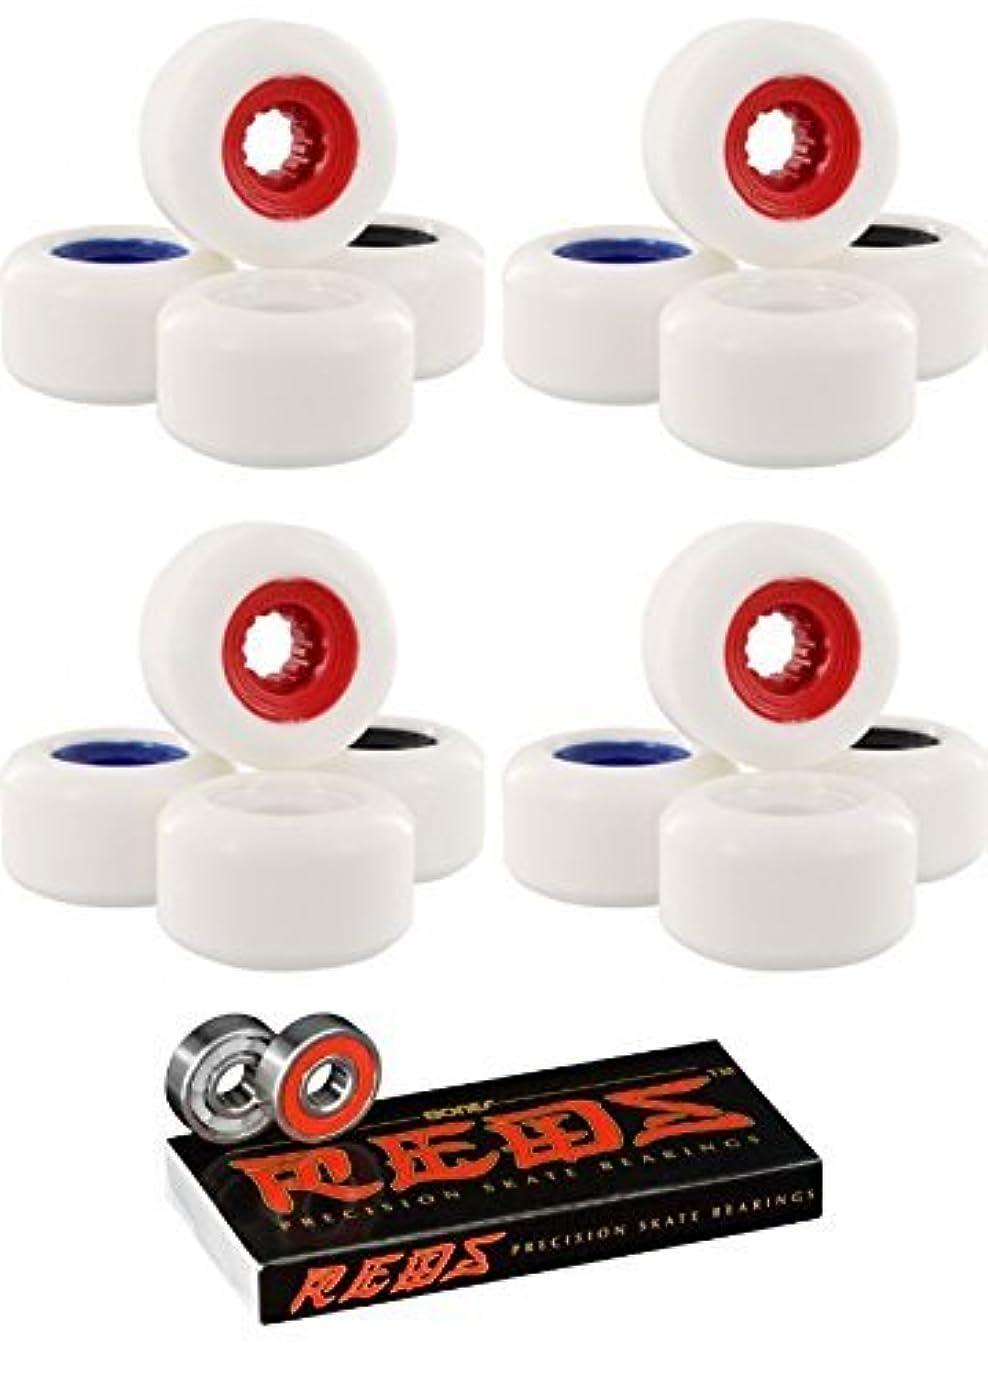 母音申し込む科学的58 mm PowerflexスケートボードGumballスケートボードWheels with Bones Bearings – 8 mm Bones Reds Precisionスケート定格スケートボードベアリング – 2アイテムのバンドル